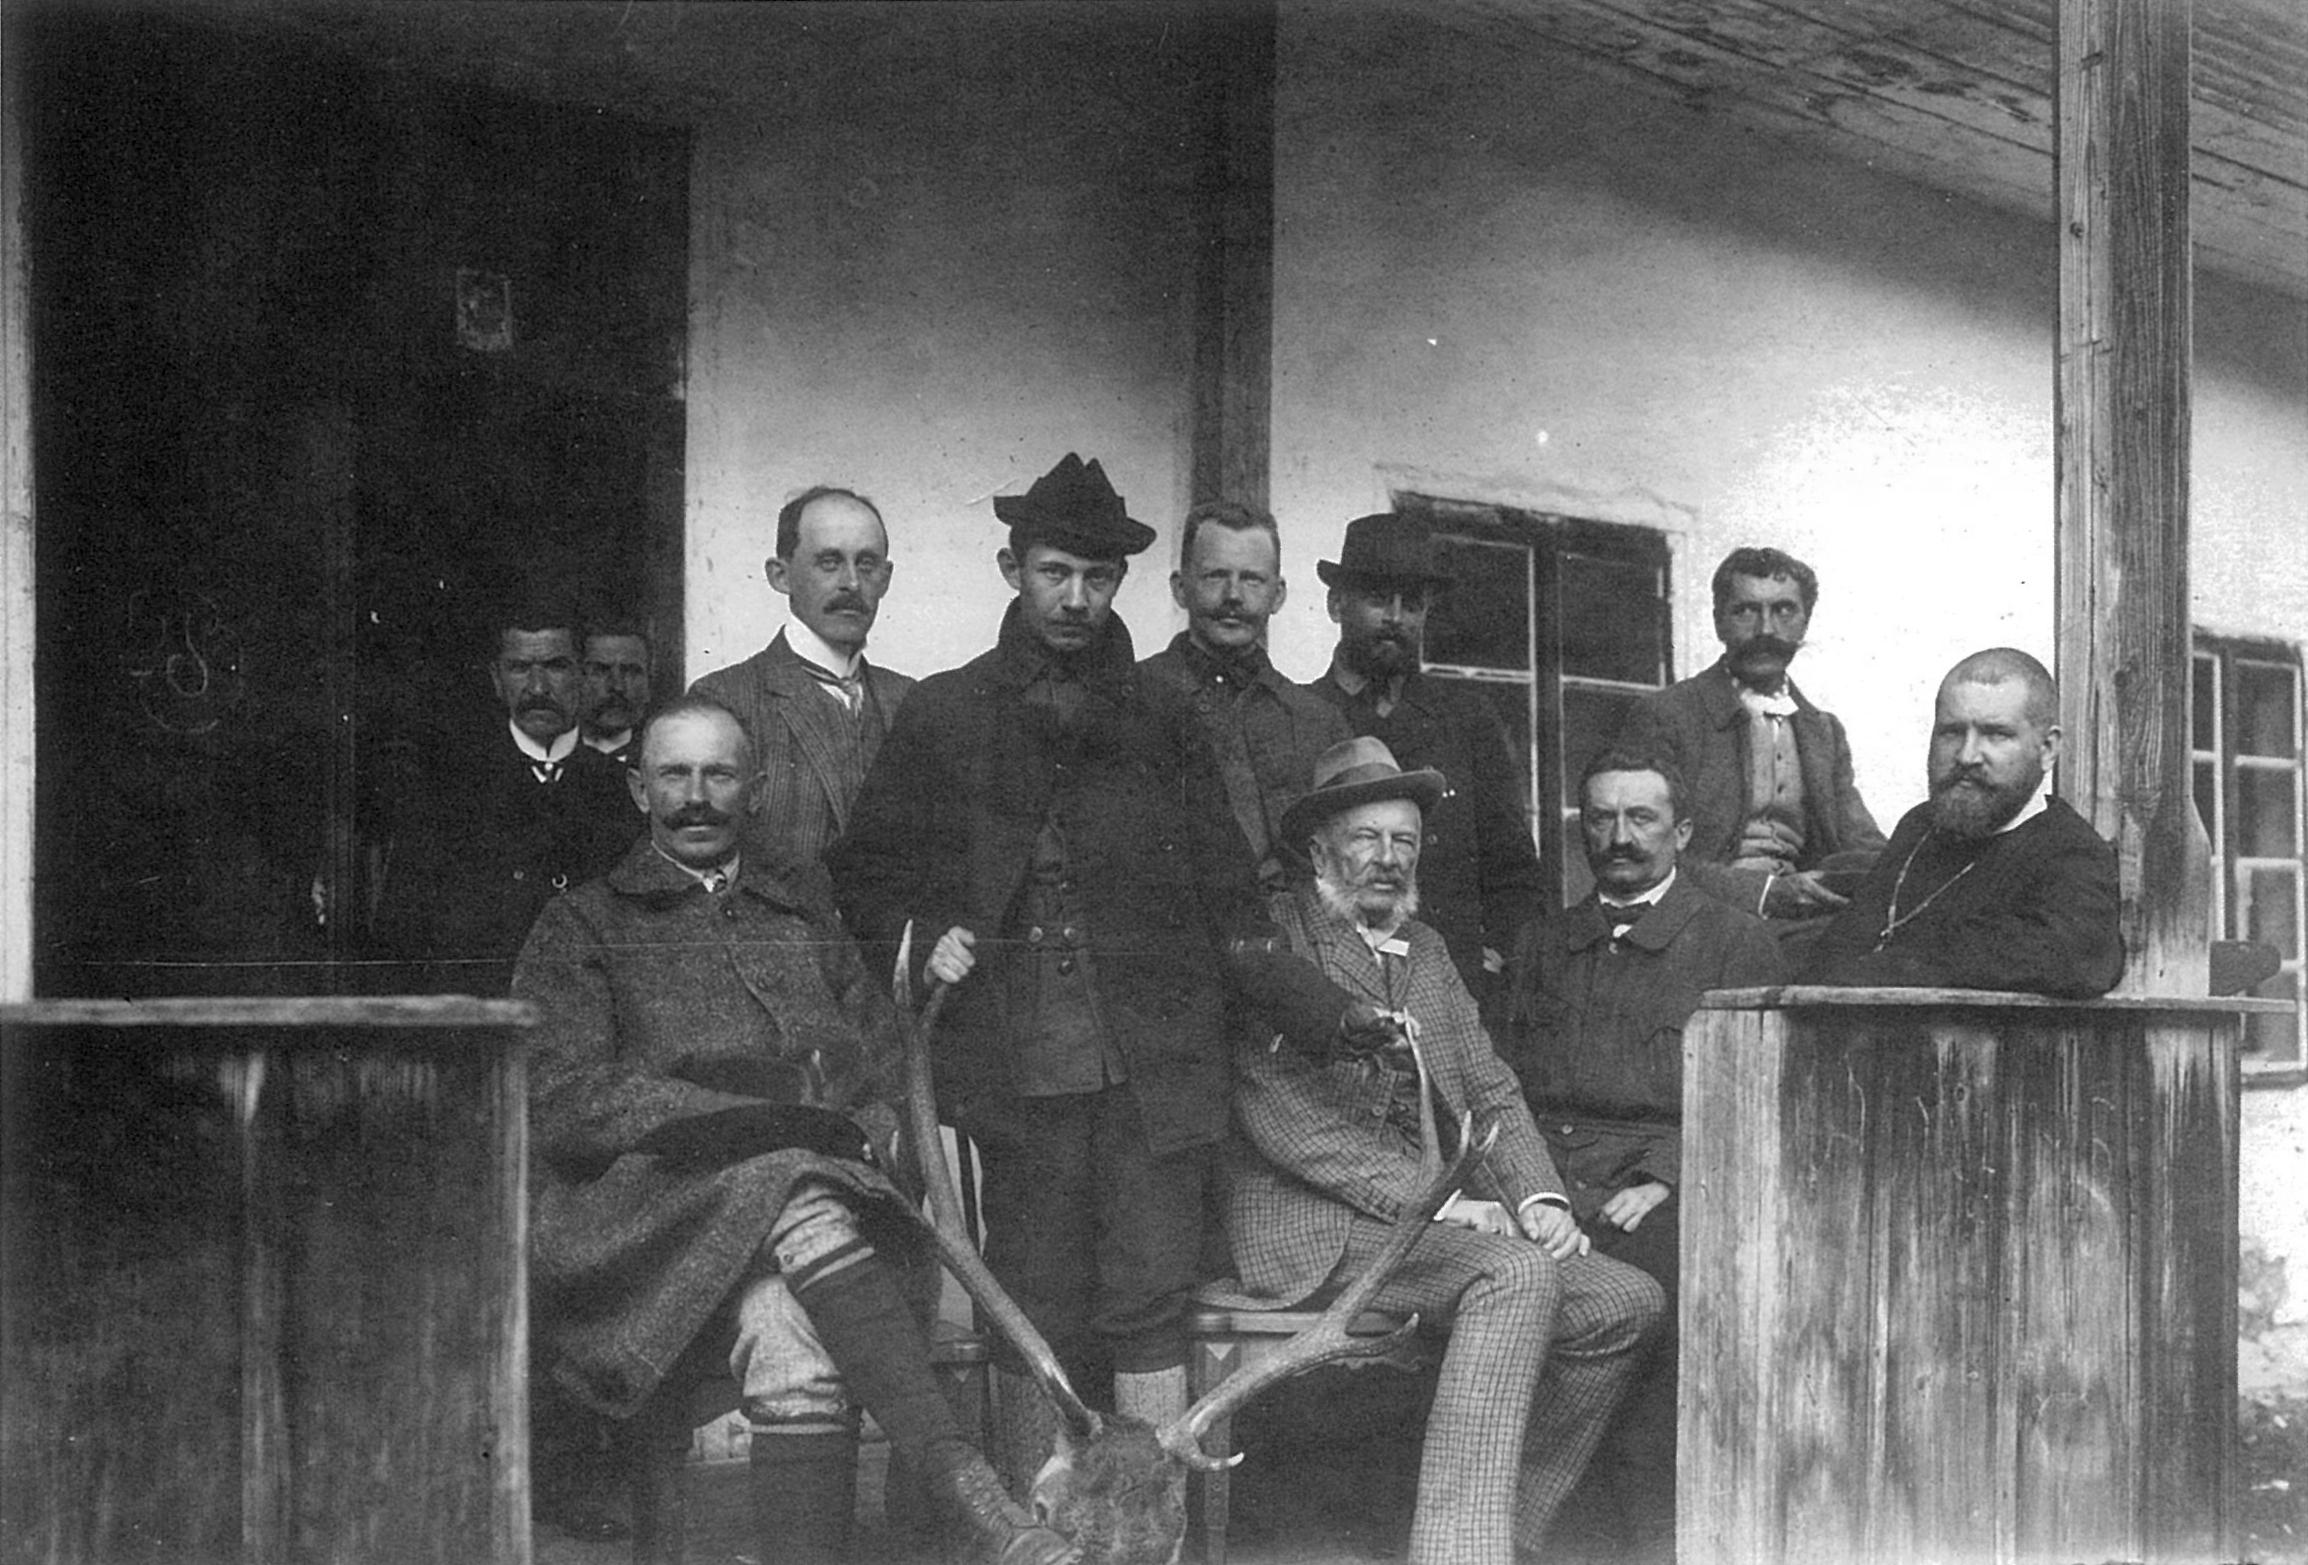 Leon Szeptycki with his wife Jadwiga Szembek, Klymentiy and Andrey, Aleksander with his wife Izabella Sobańska, around 1910. Source: Muzeum Narodowe we Warszawie